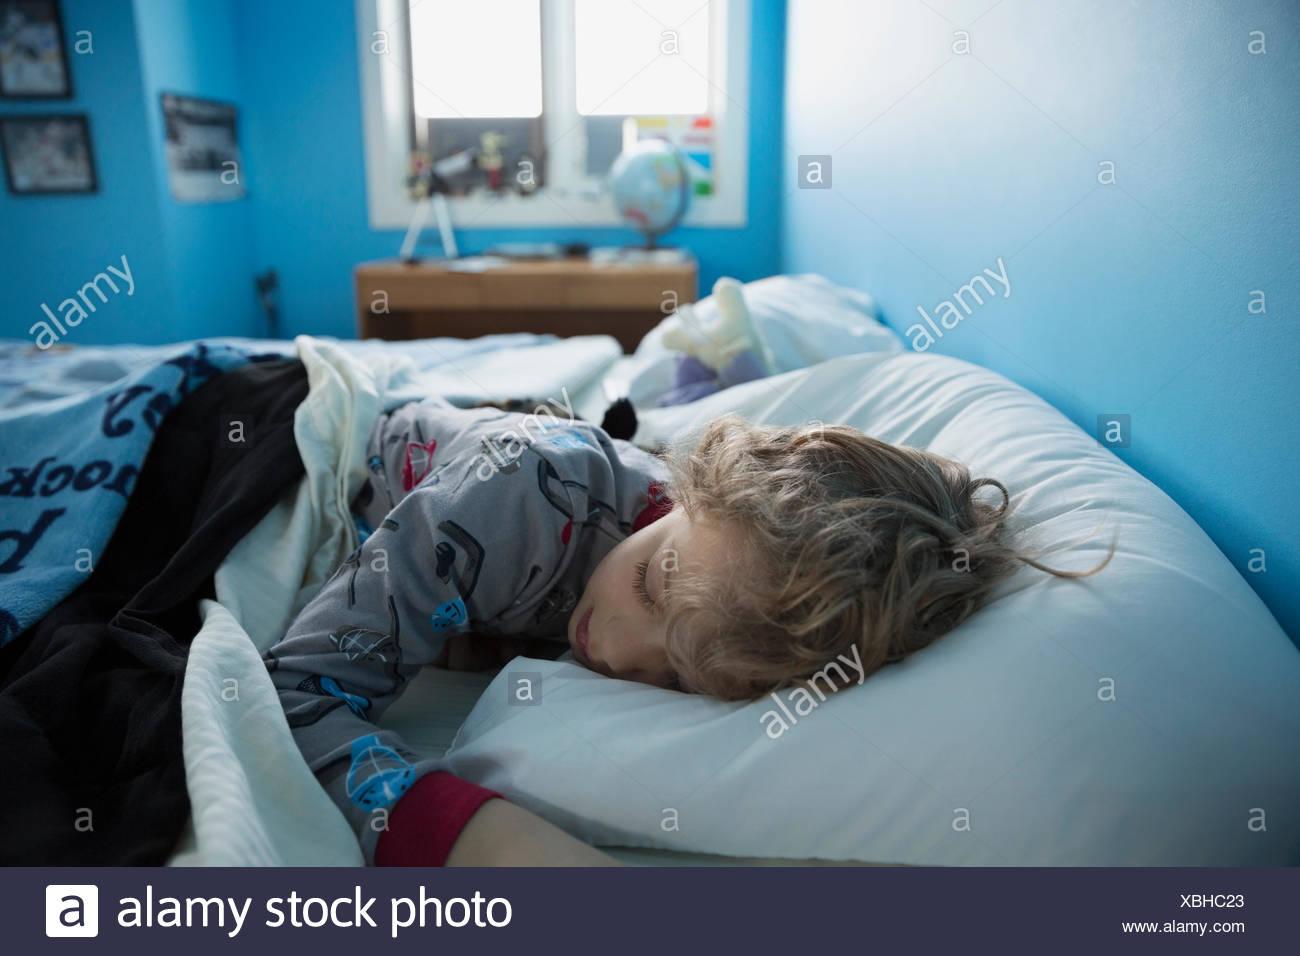 Bambino addormentato nel letto Immagini Stock